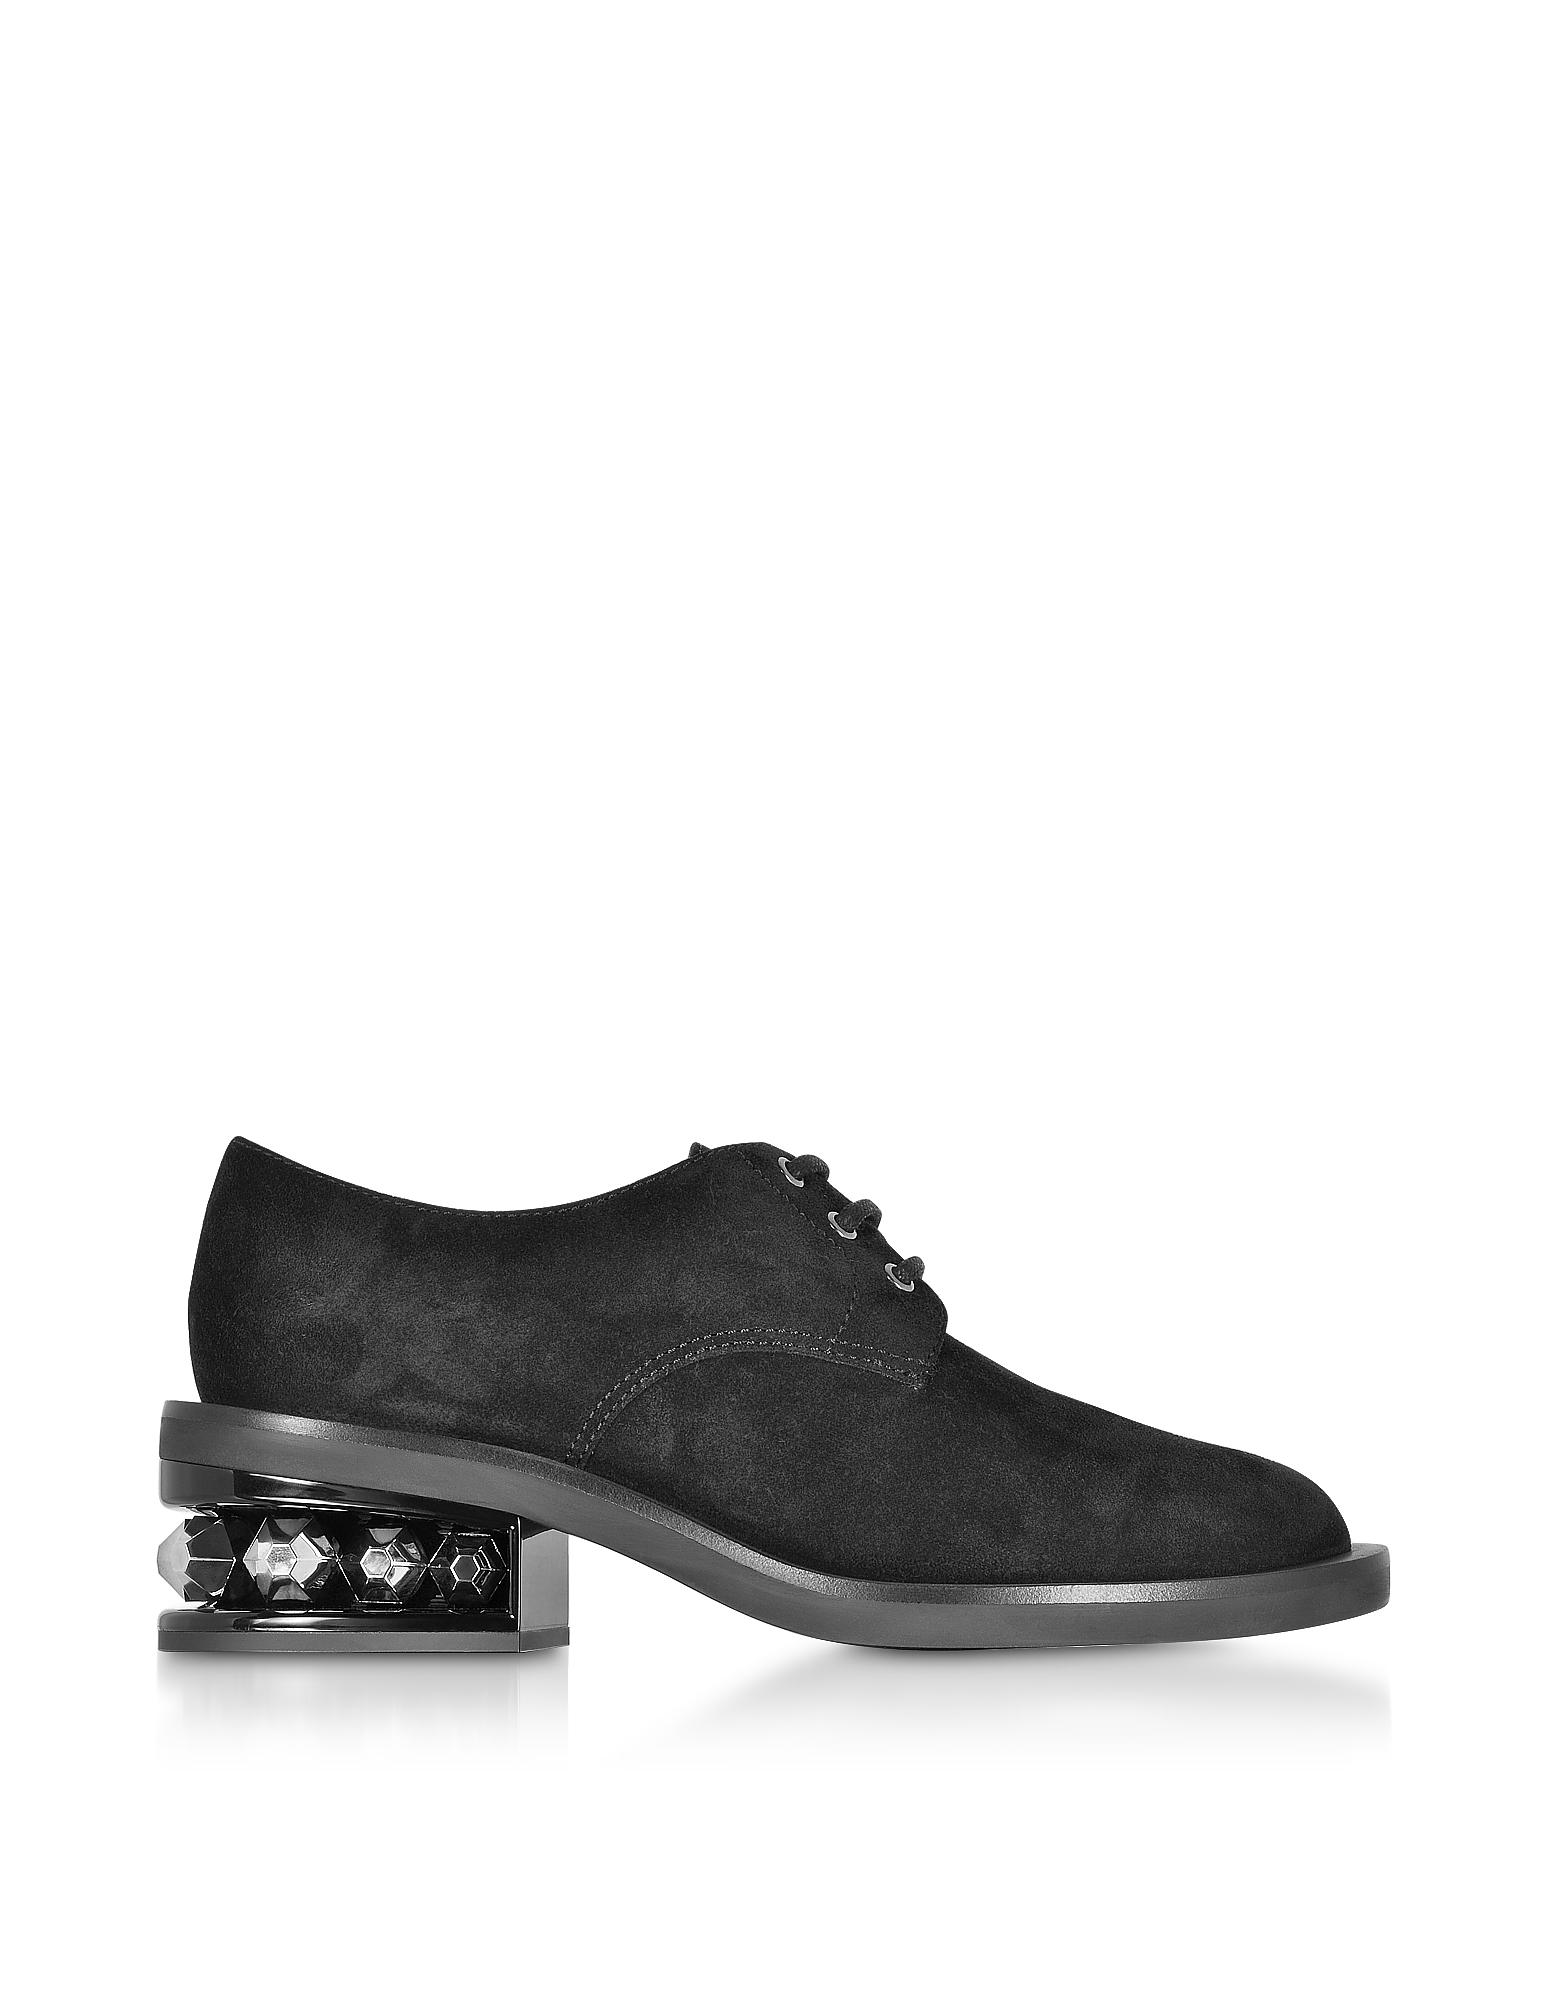 Nicholas Kirkwood Shoes, Black 35mm Suzi Derby Shoes